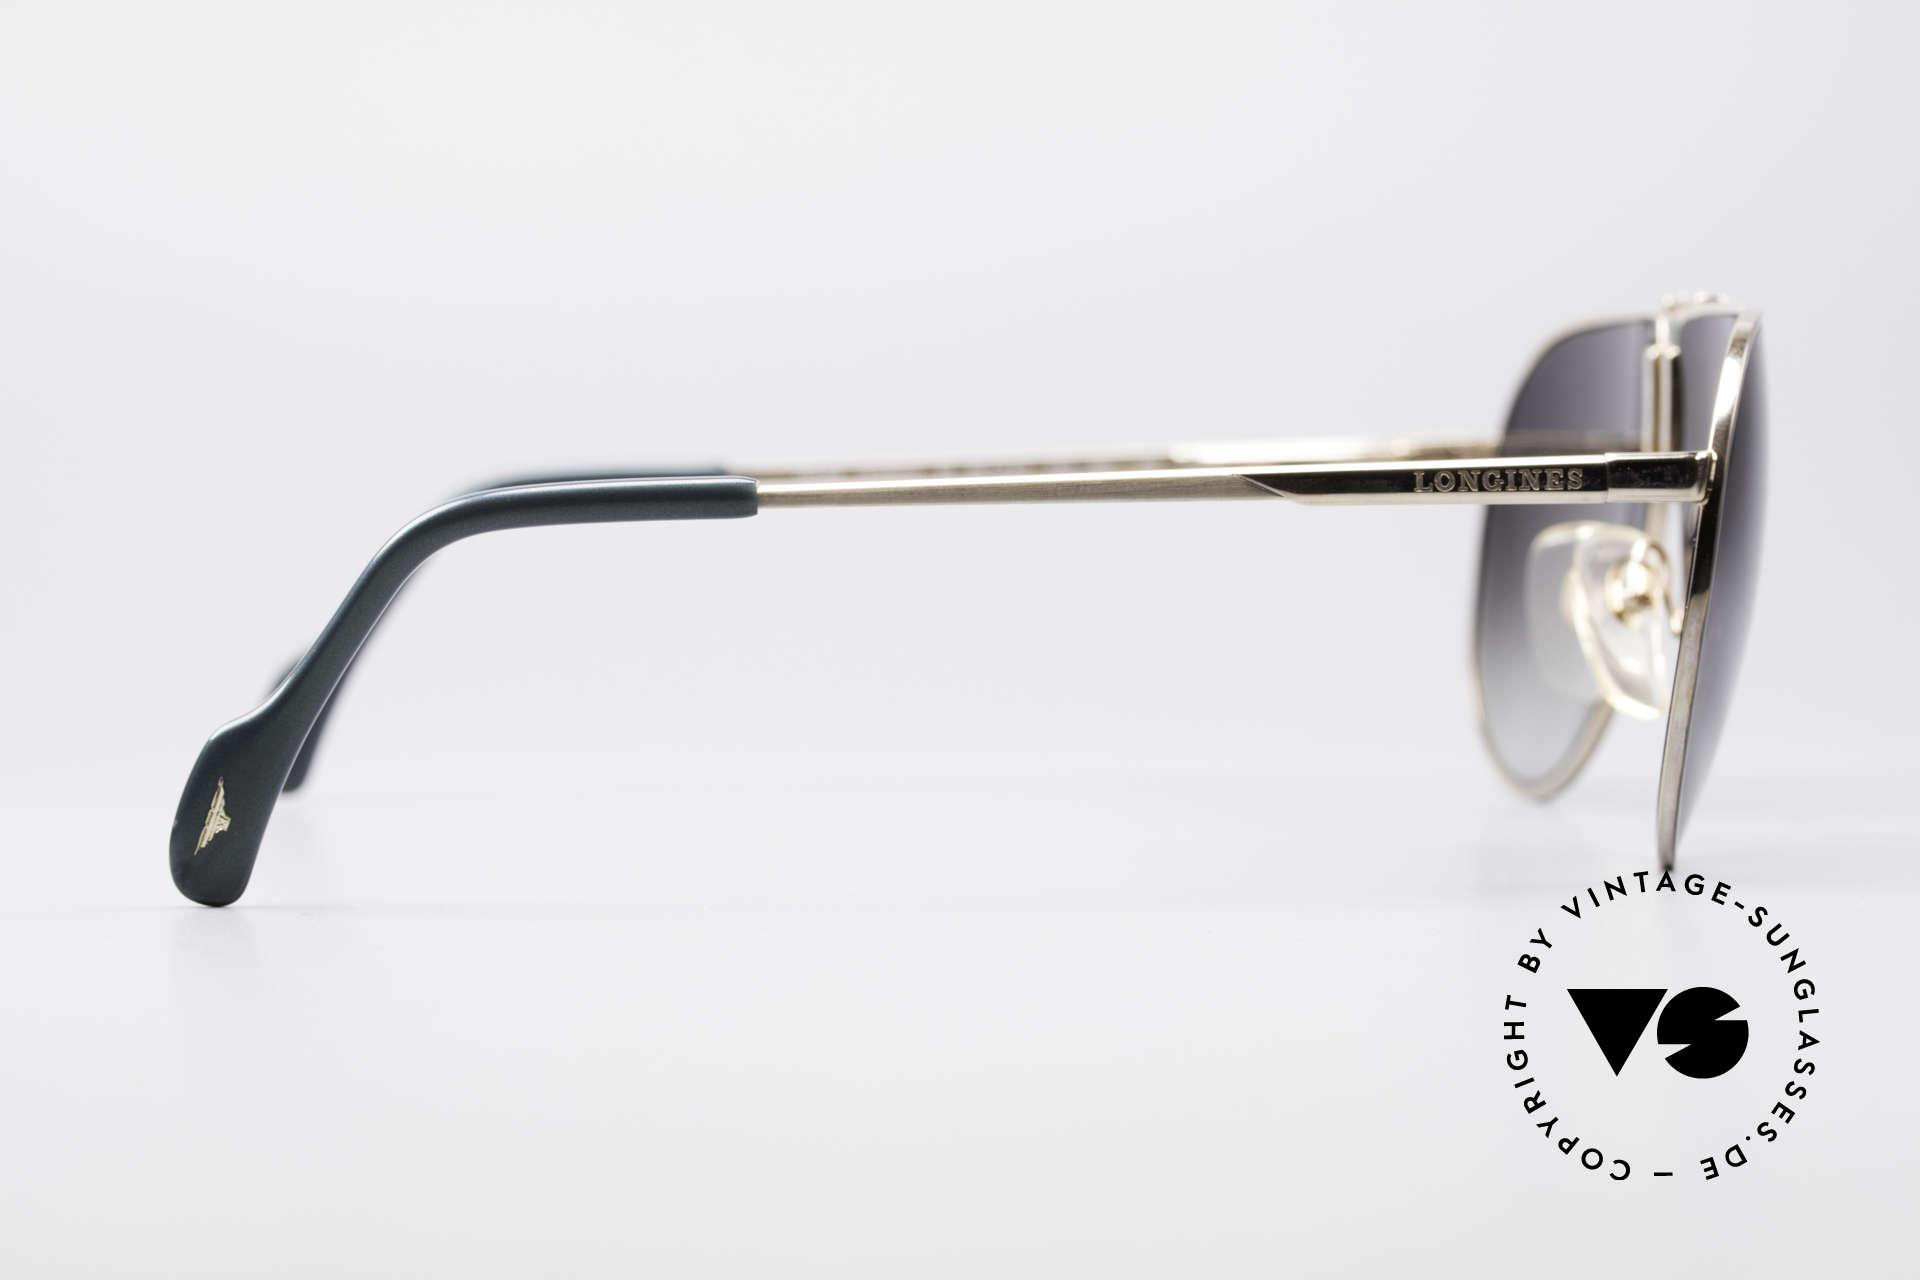 Longines 0154 80er Aviator Sonnenbrille, KEINE RETROMODE, sondern ein 1980er ORIGINAL, Passend für Herren